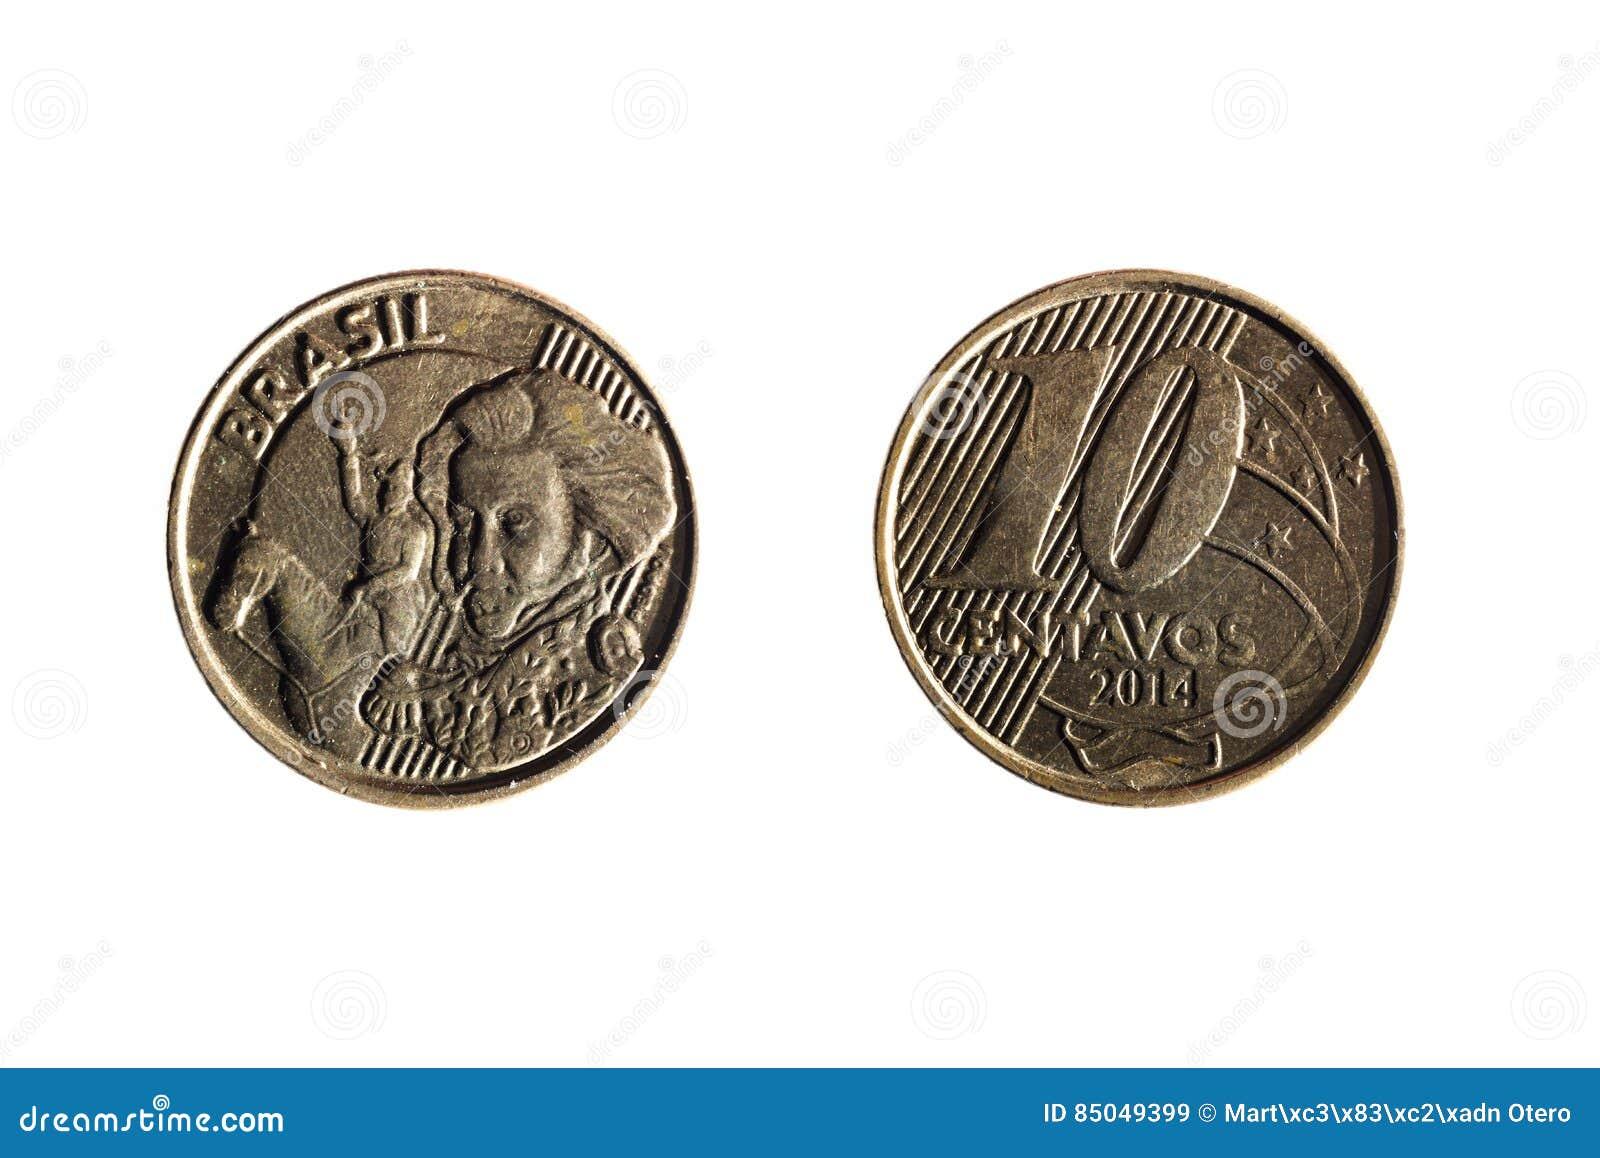 Brazilian real ten cents coin